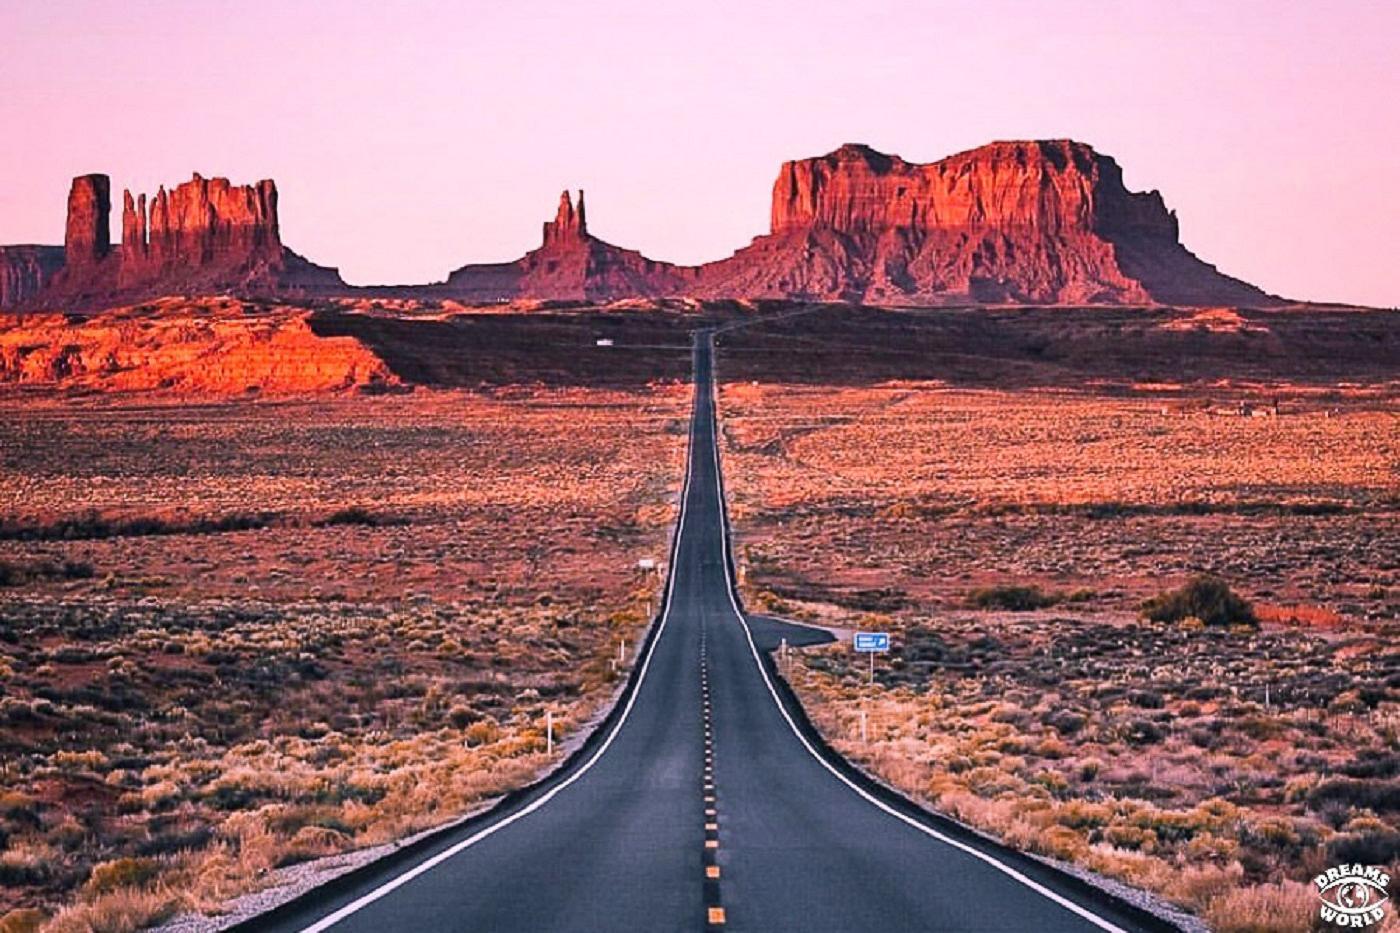 Ouest américain et ses falaises oranges où voyager en 2020 - Sandrine de Dreamsworld